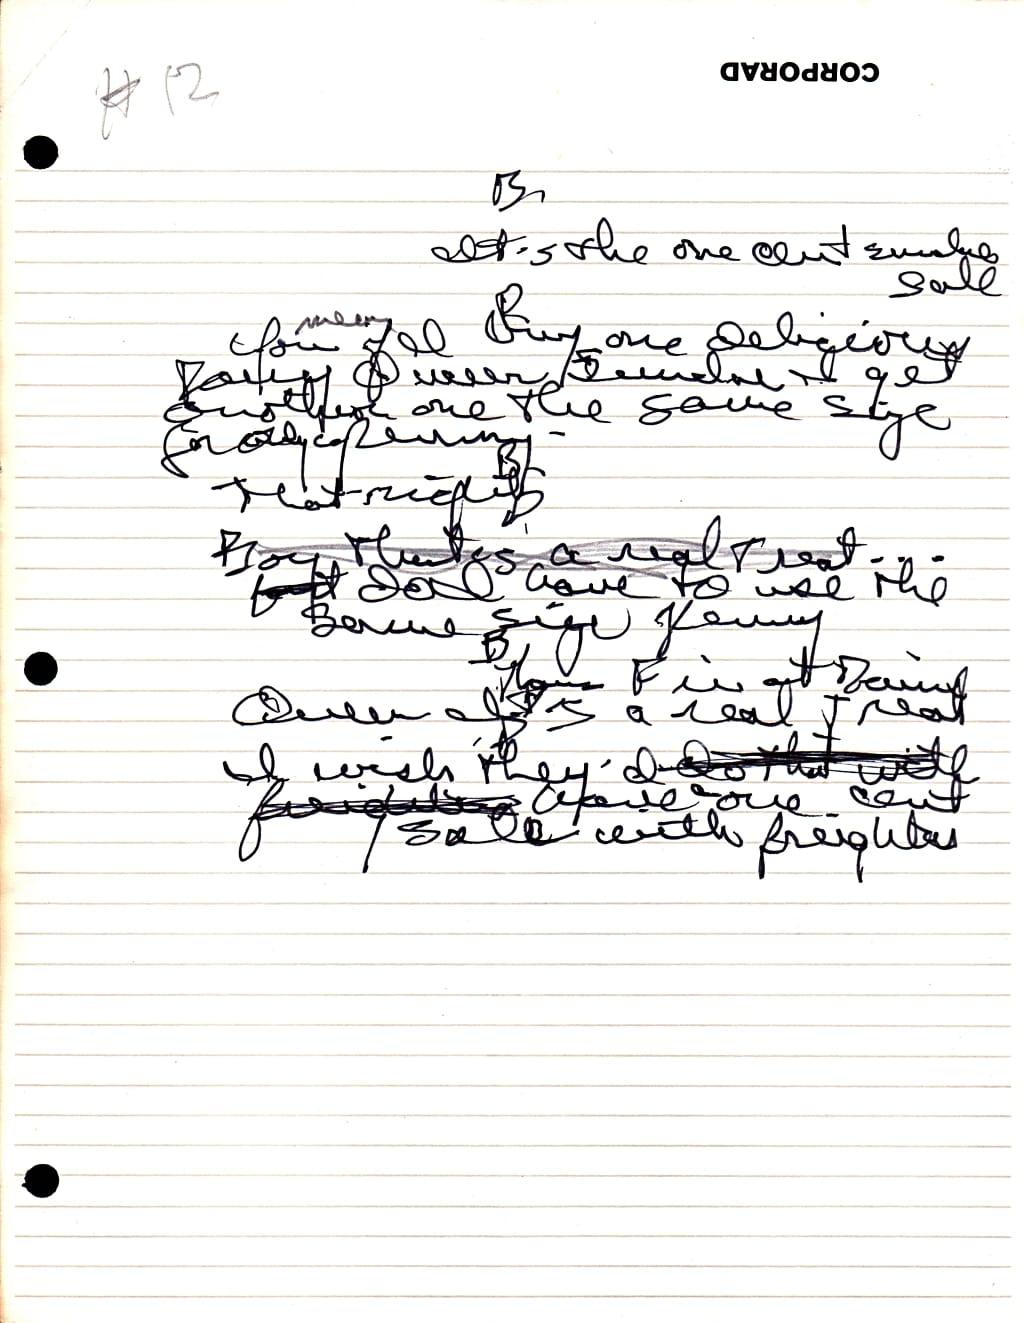 Pat McCormick's handwriting